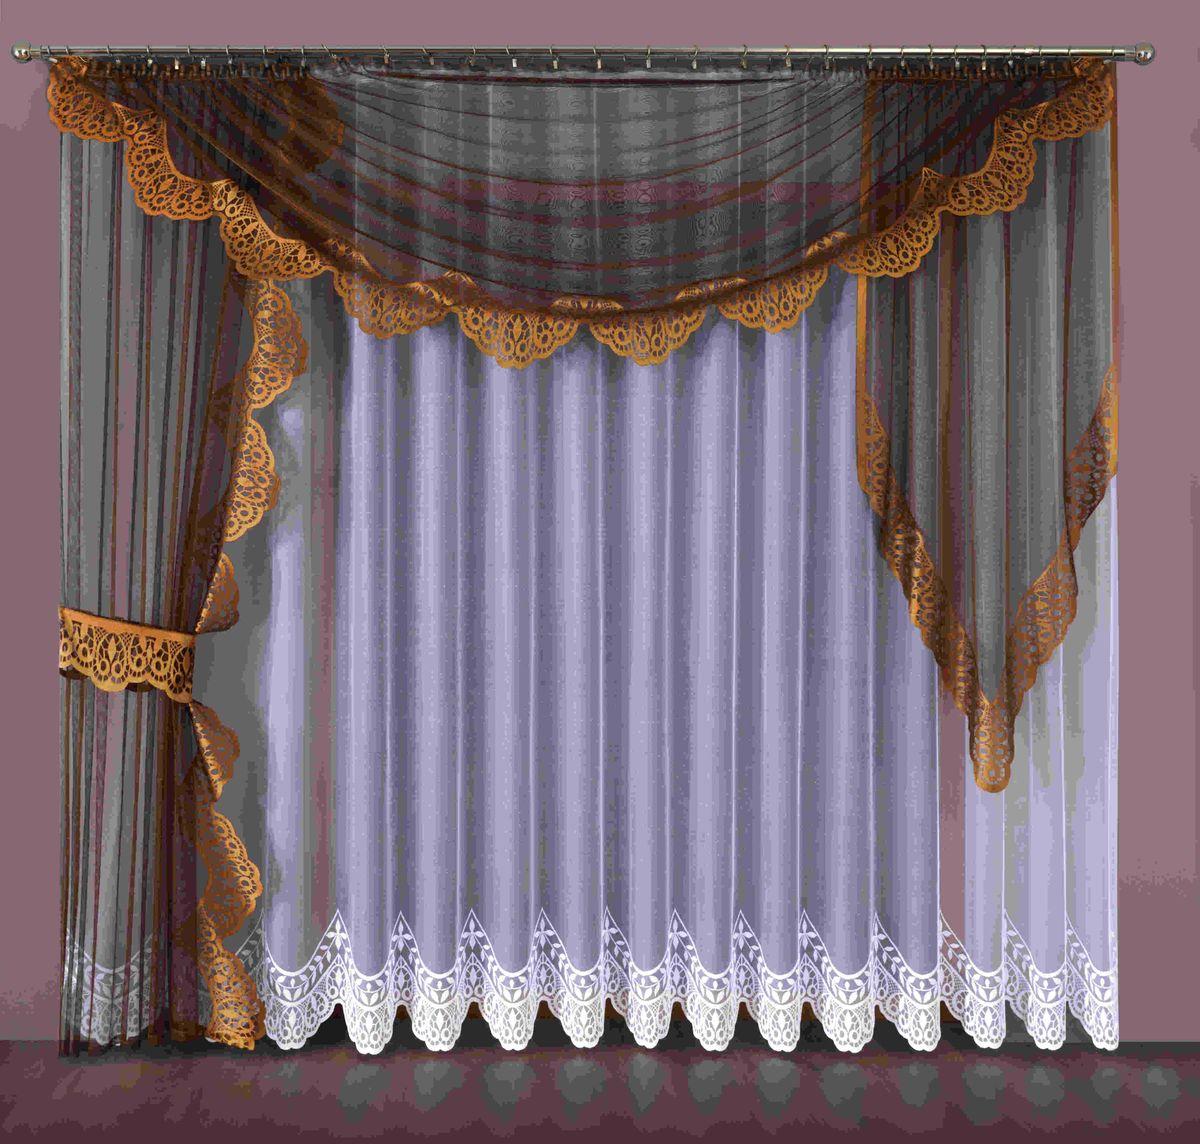 Комплект штор Wisan Aspazja, на ленте, цвет: белый, коричневый, высота 250 см комплект штор wisan цвет коричневый высота 250 см 030w